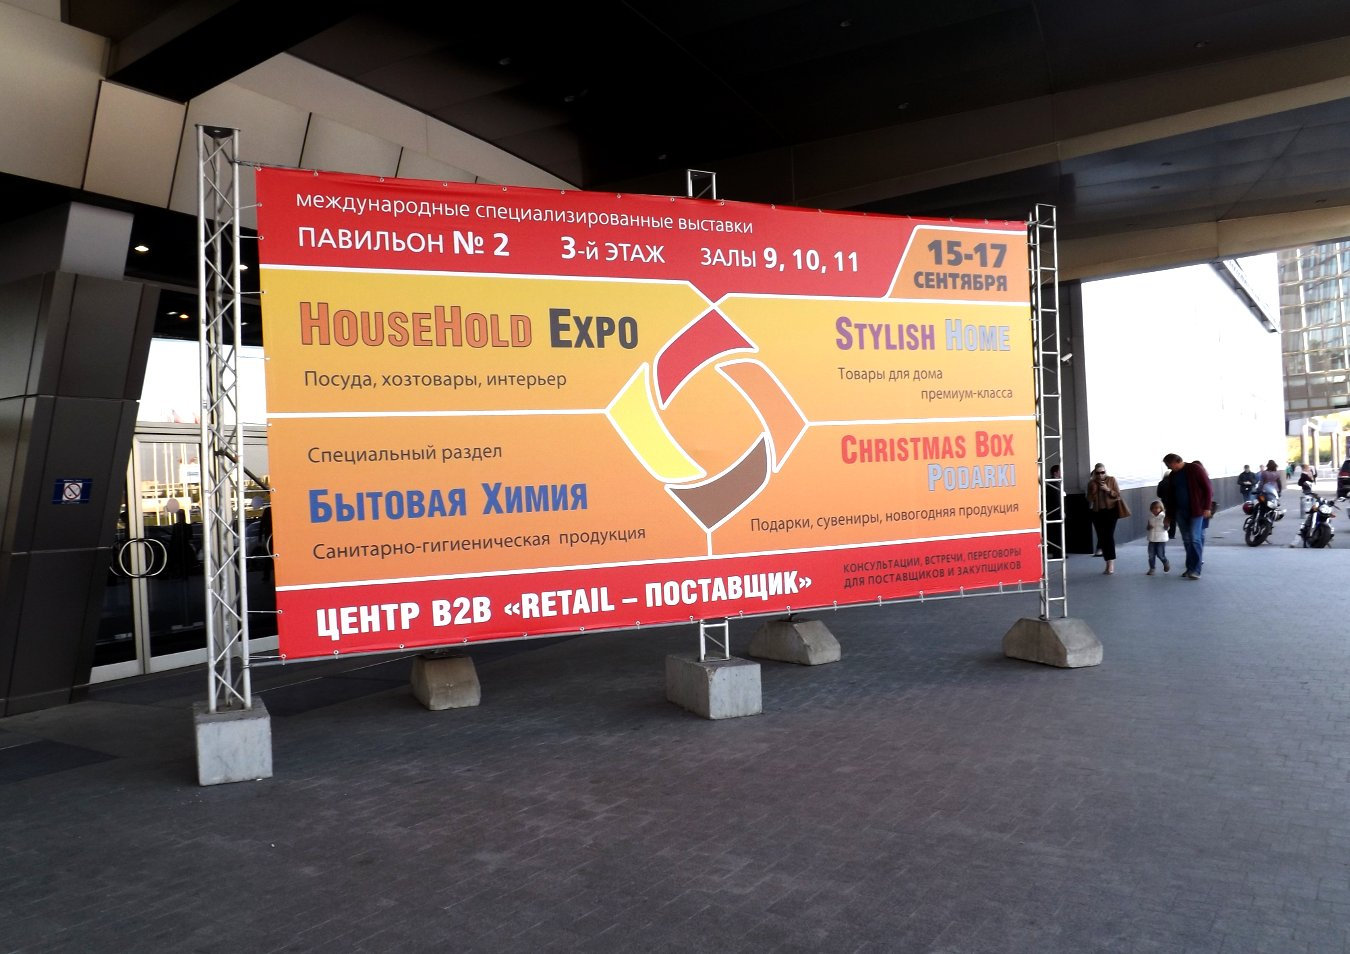 Вывеска при входе в павильон на выставку HouseHoldExpo 2015 в сентябре